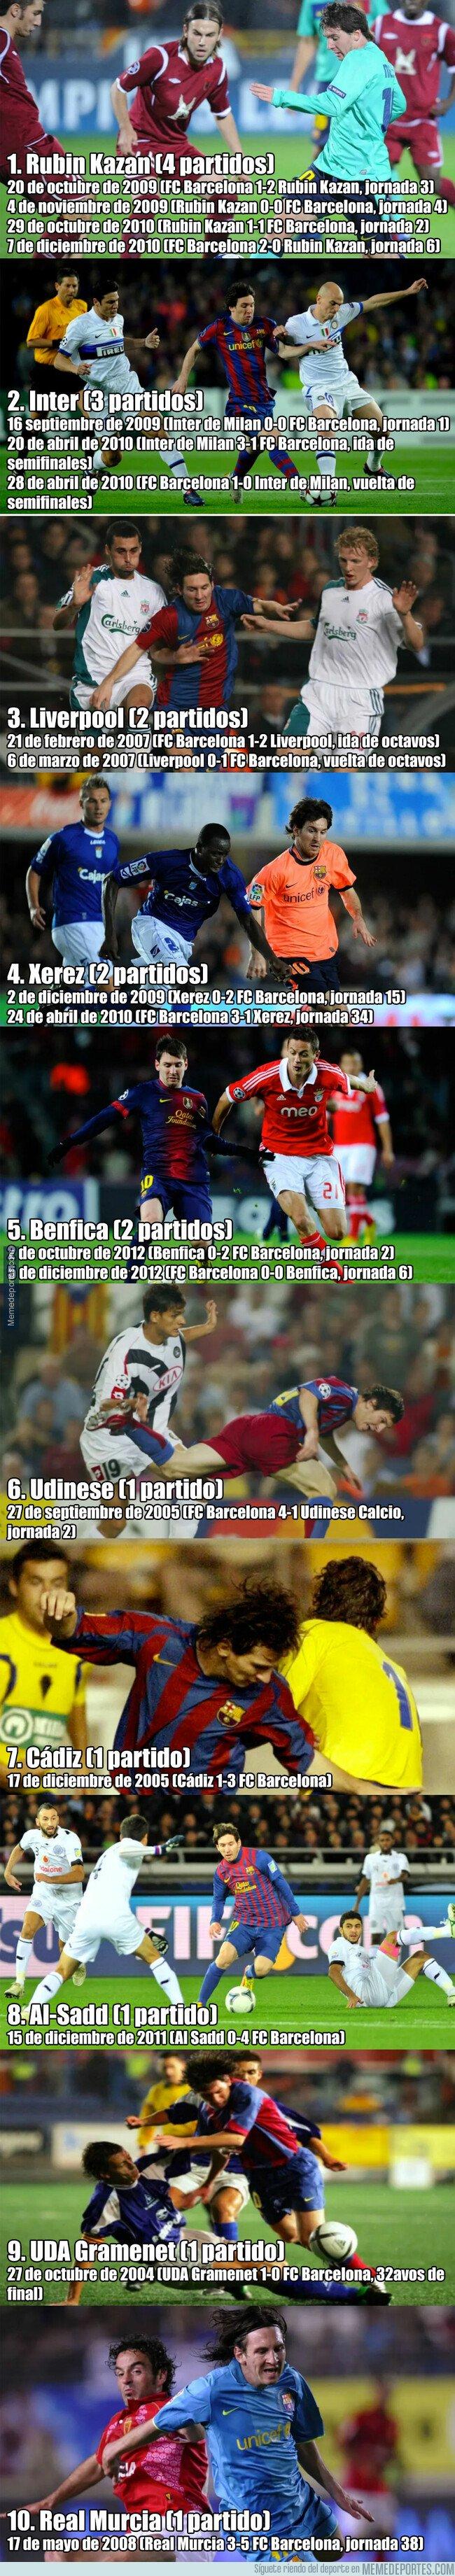 1068845 - Los 10 equipos a los que Messi no ha podido marcar en su vida